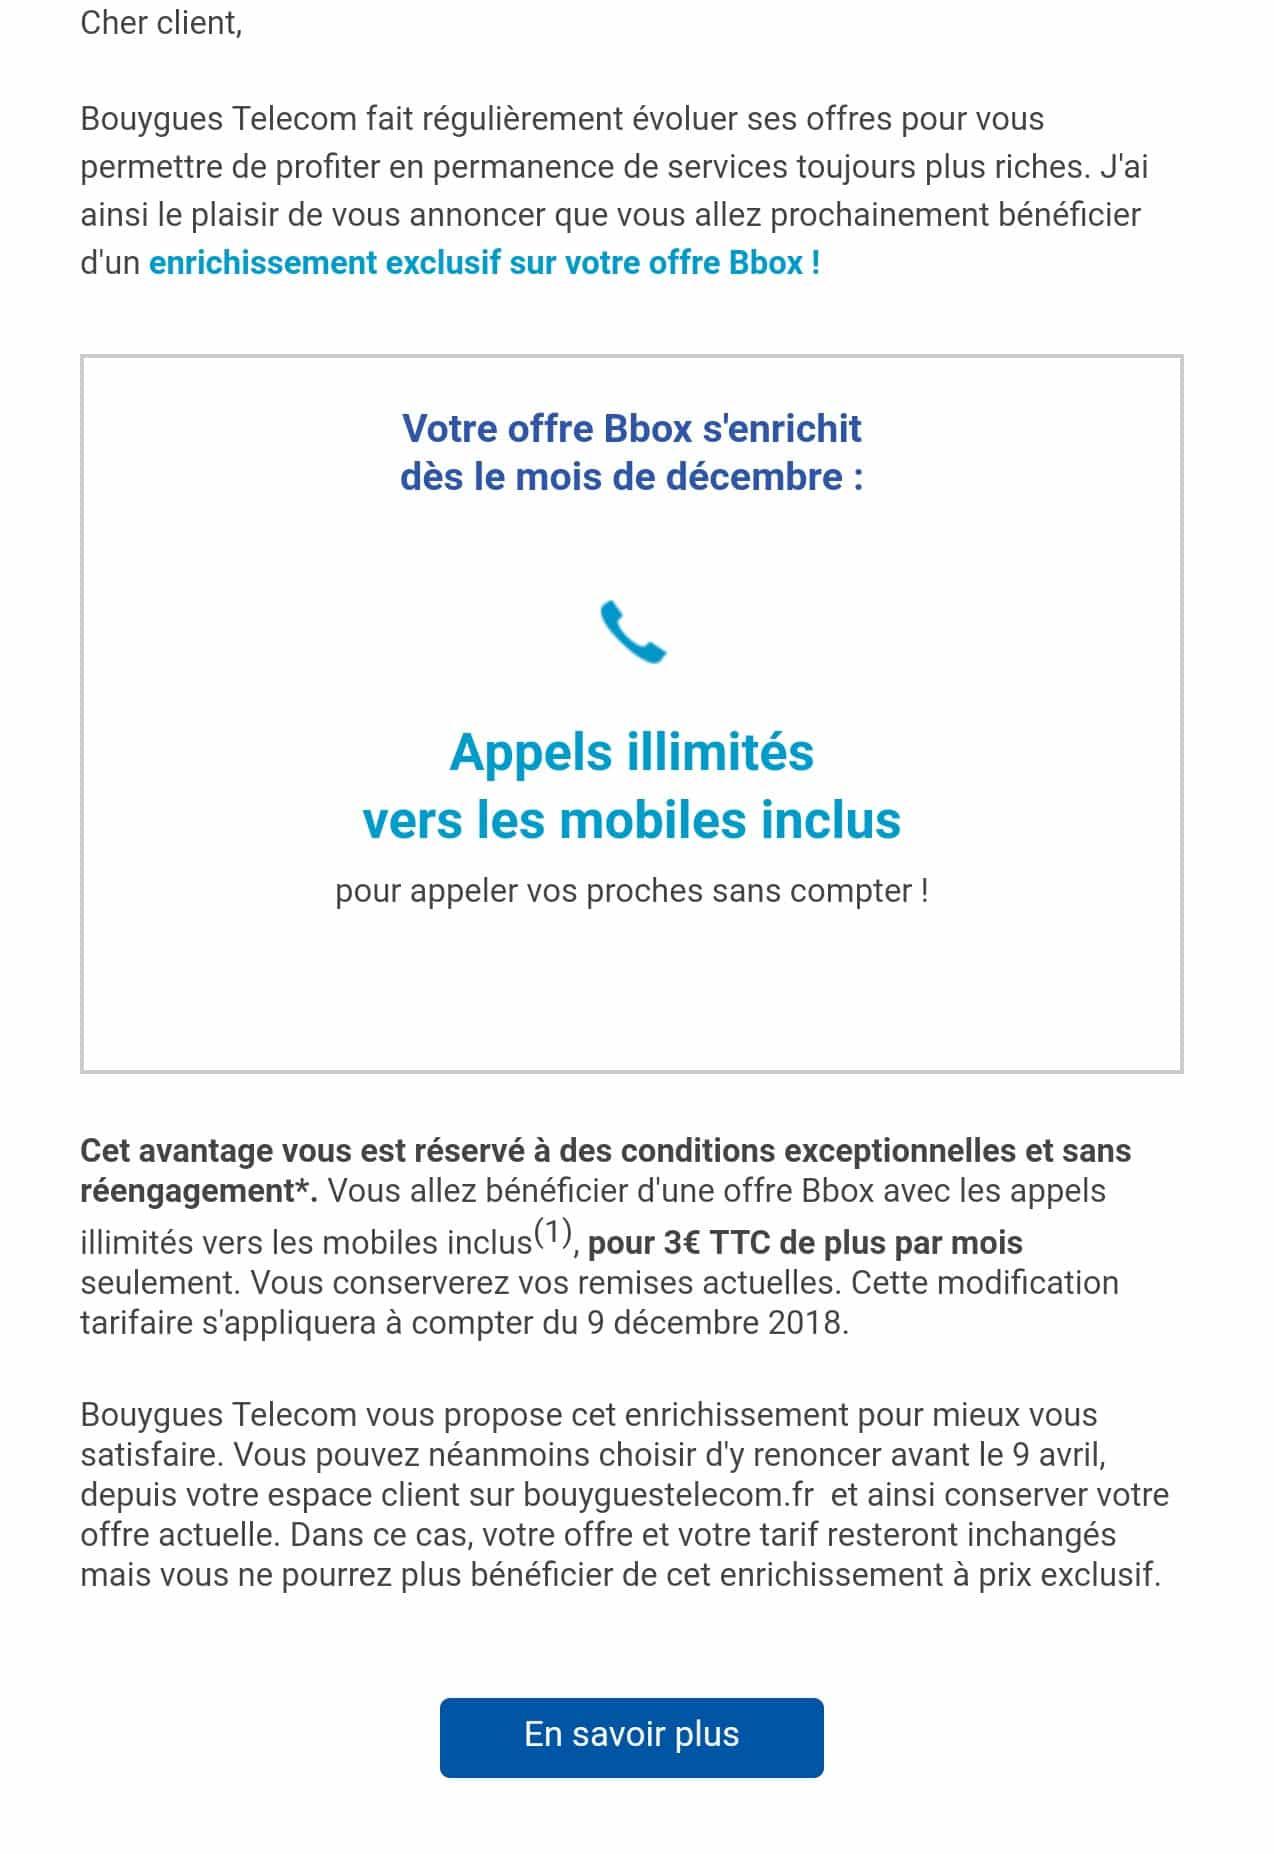 Mail de l'augmentation tarifaire Bouygues Telecom